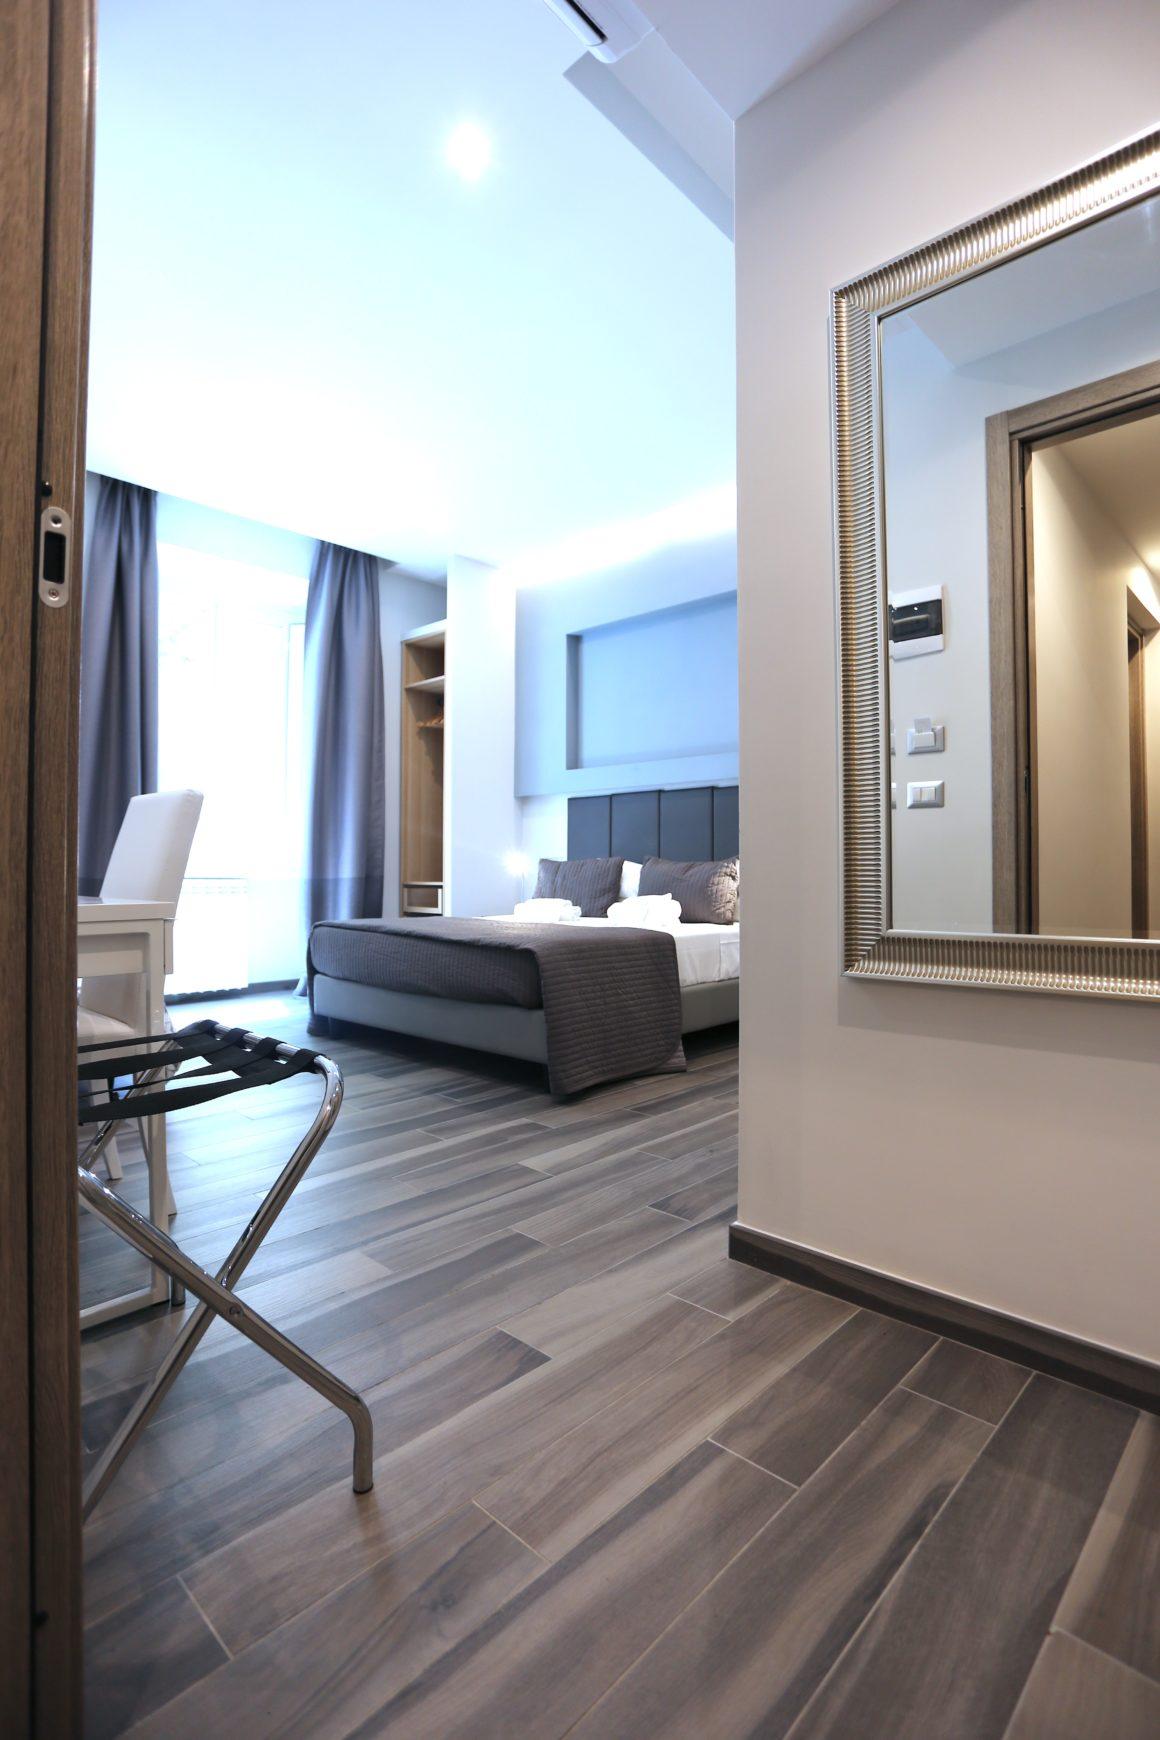 BB Double room rome